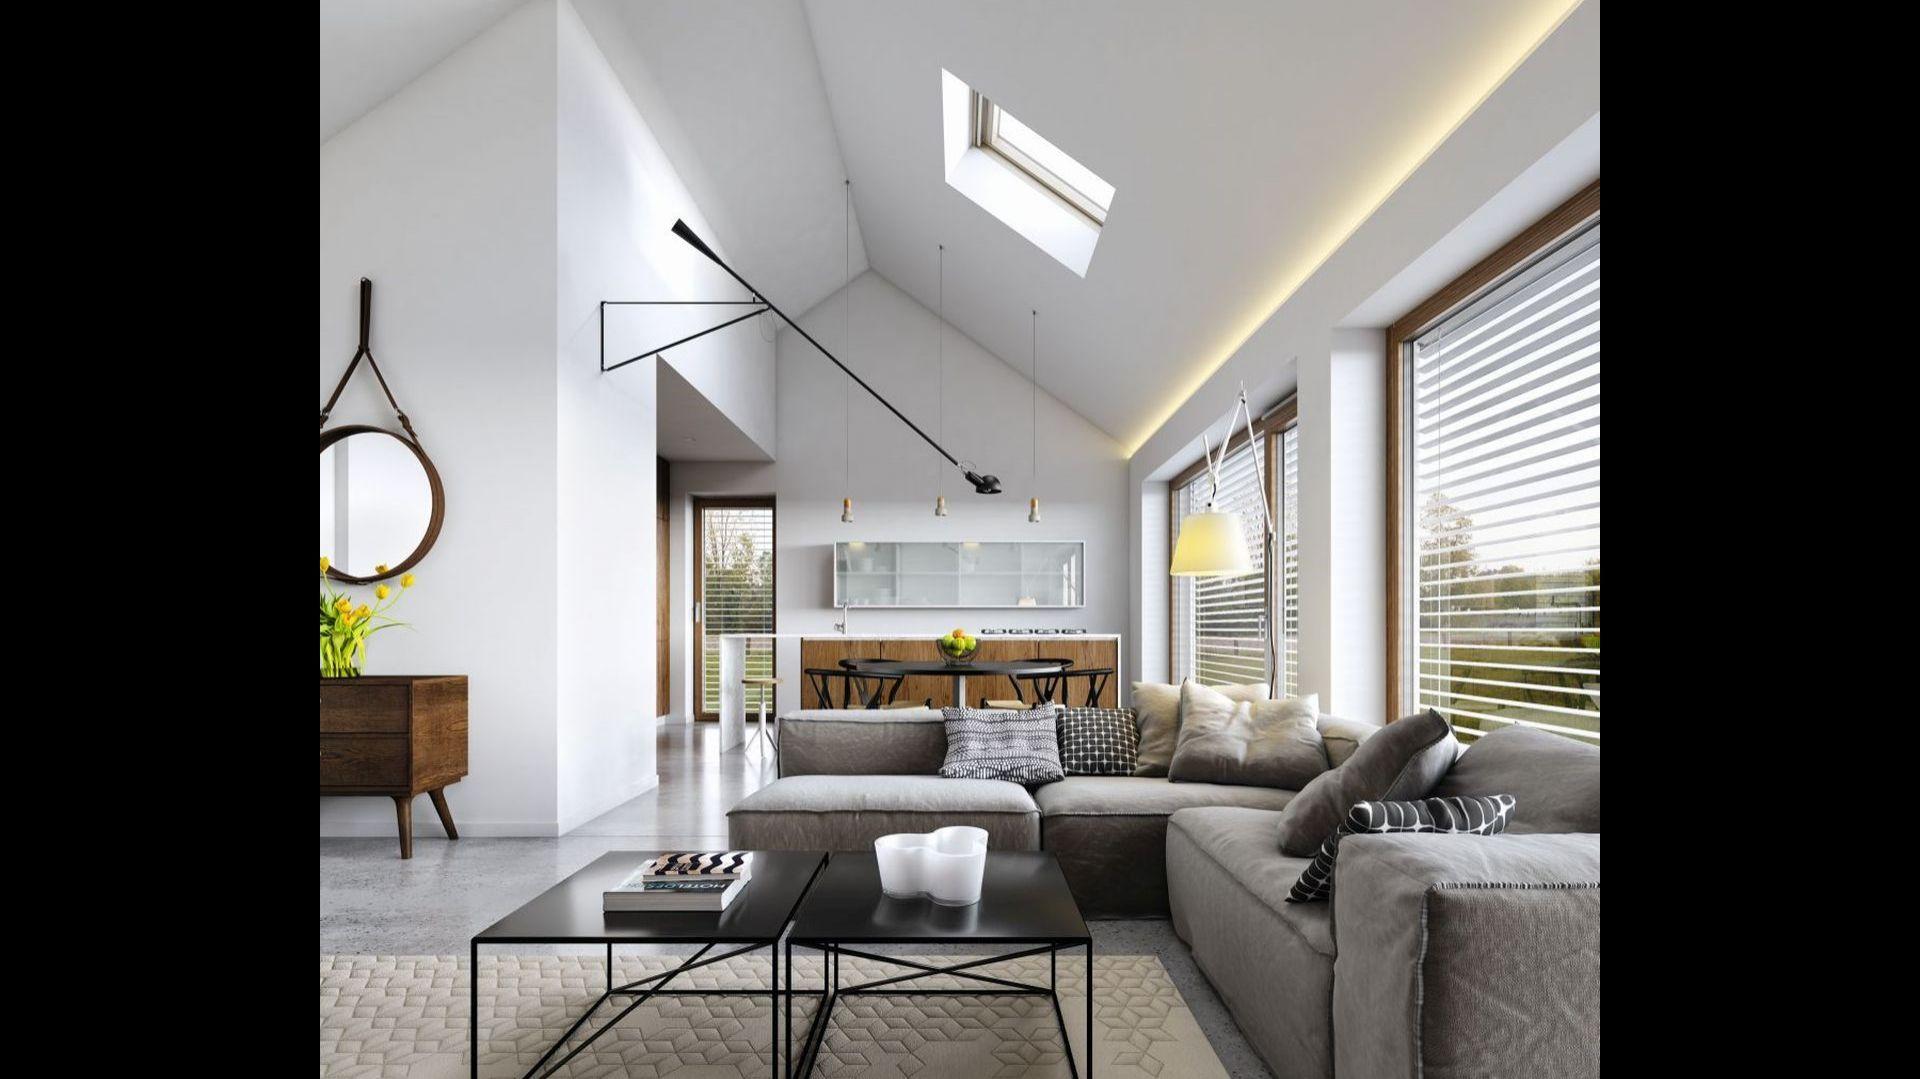 Otwarta kuchnia połączona z jadalnią i salonem zyskuje na przestronności dzięki otwarciu po sam dach. Fot. Domy z Wizją